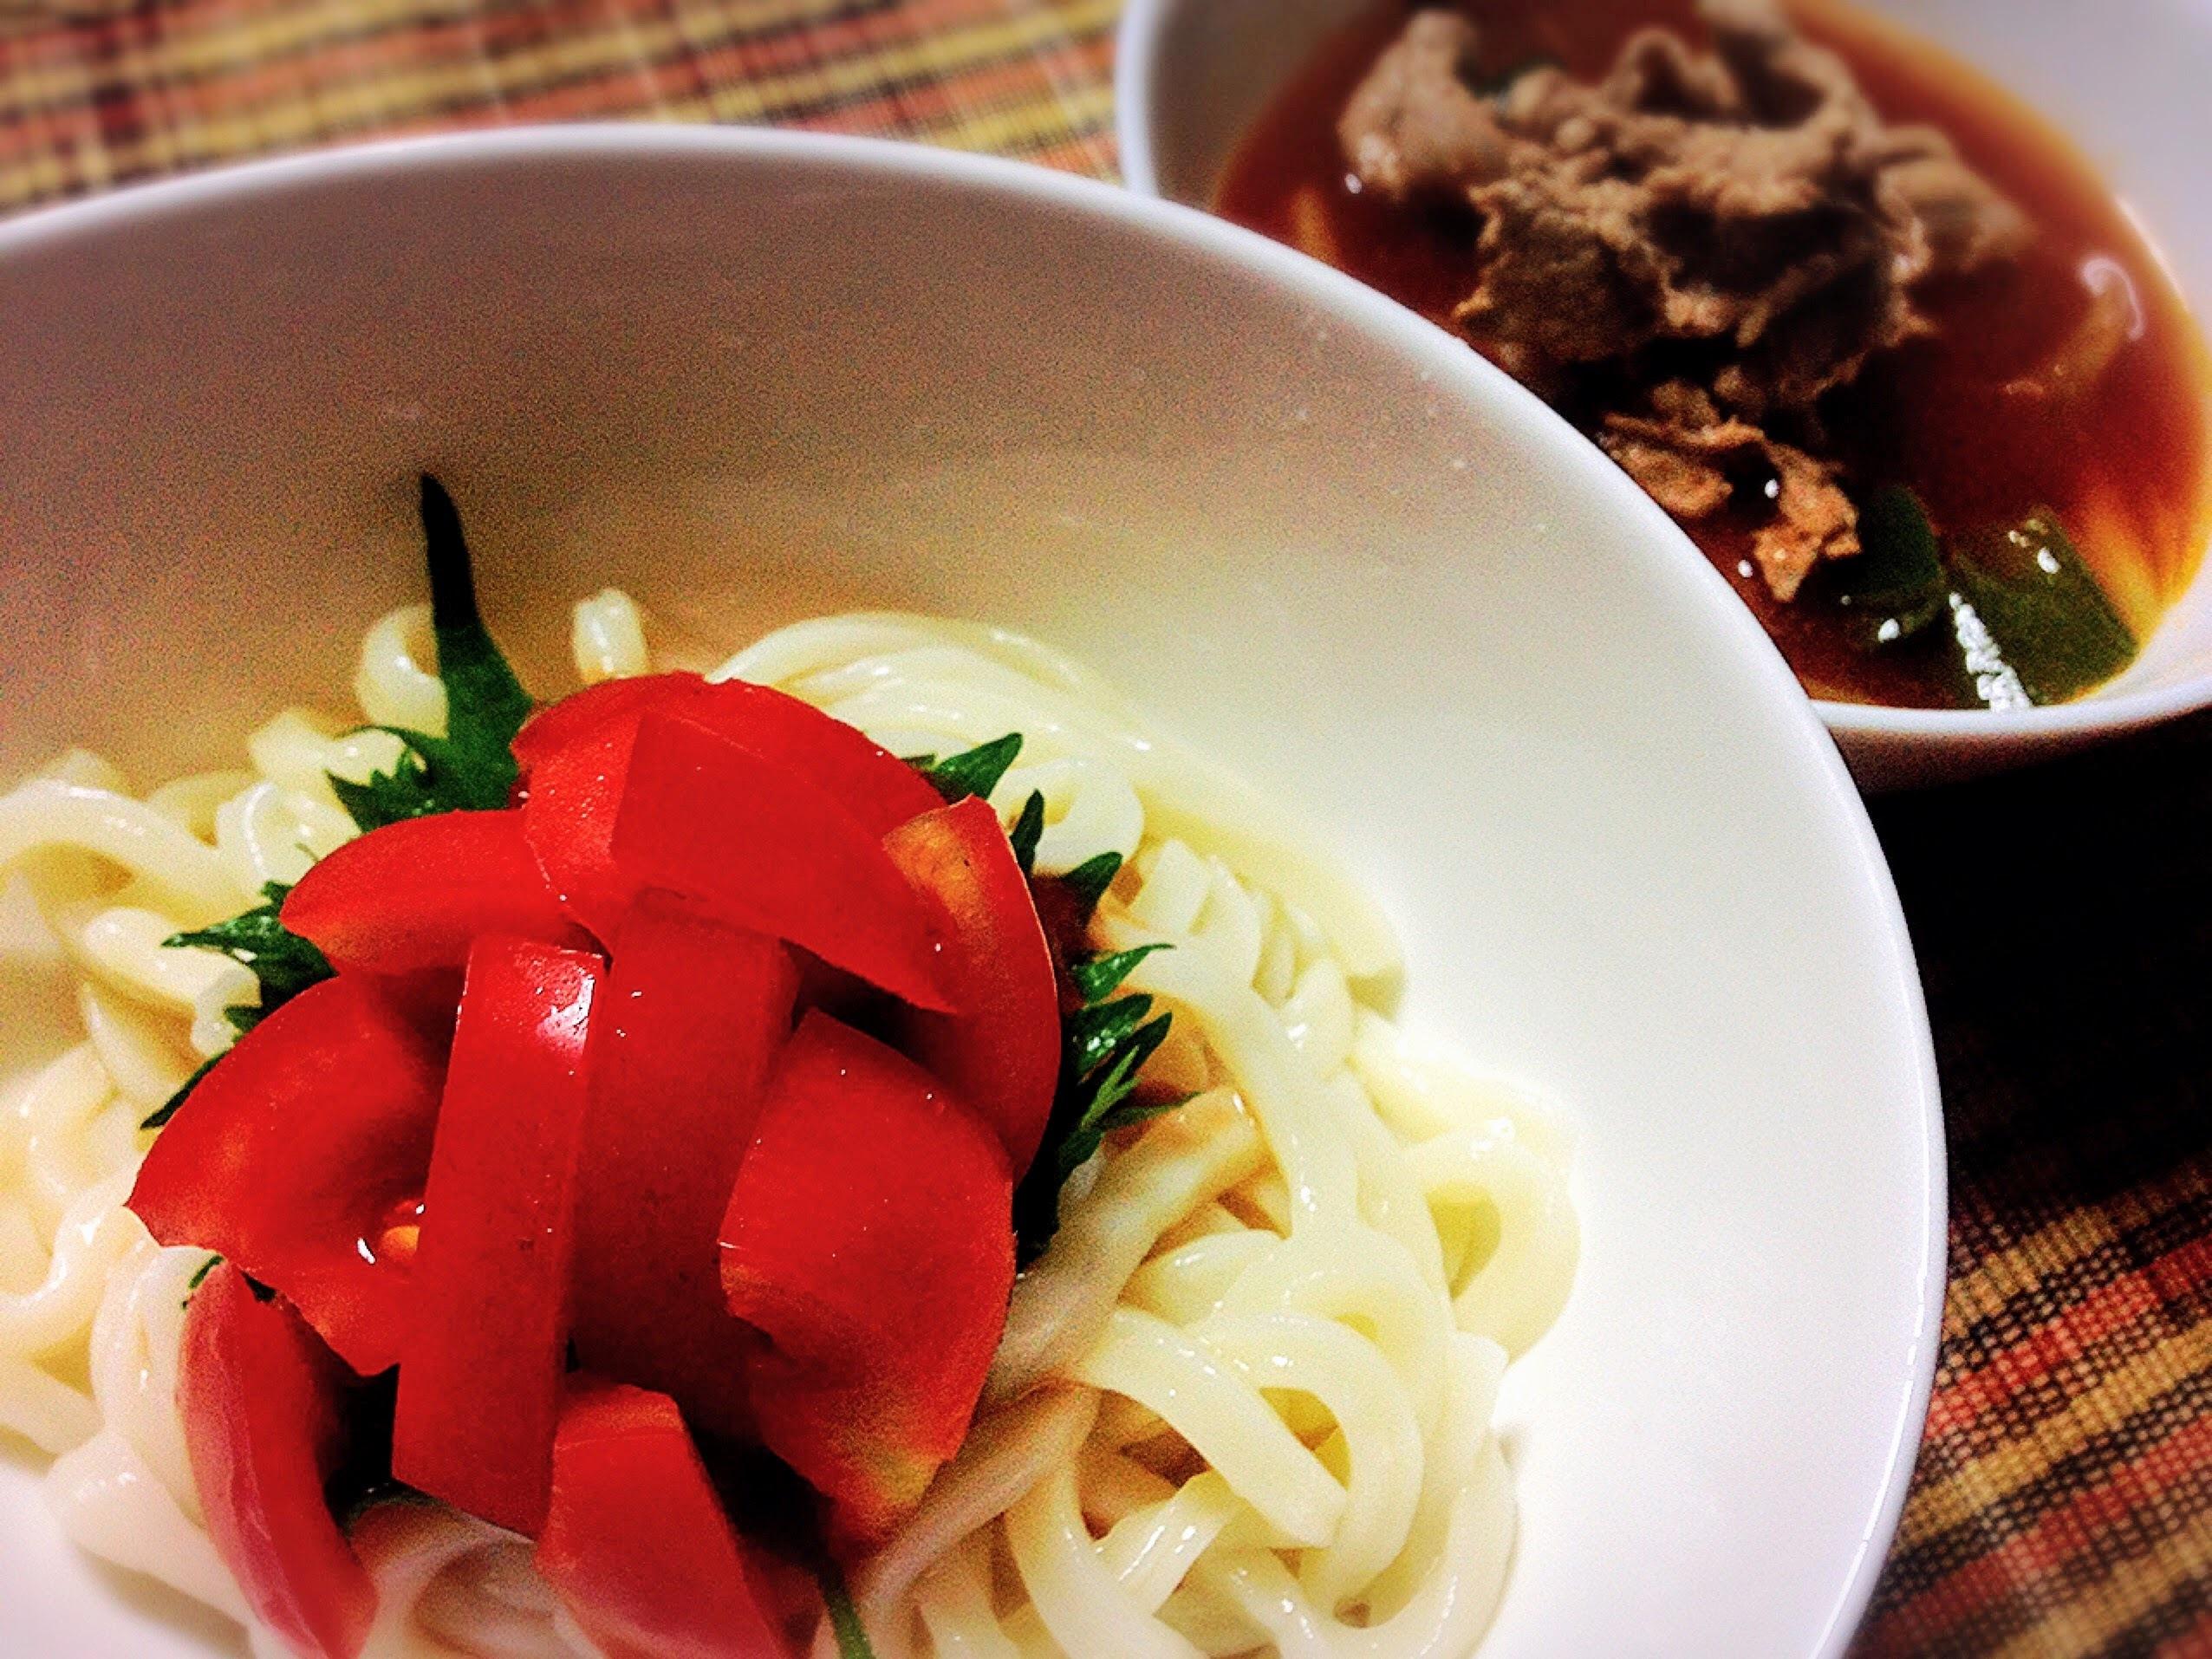 年明けうどん 紅いトマトをのせて。打ちたて生うどん調理例 麺の停車場楽麦舎@中野区新井3-6-7